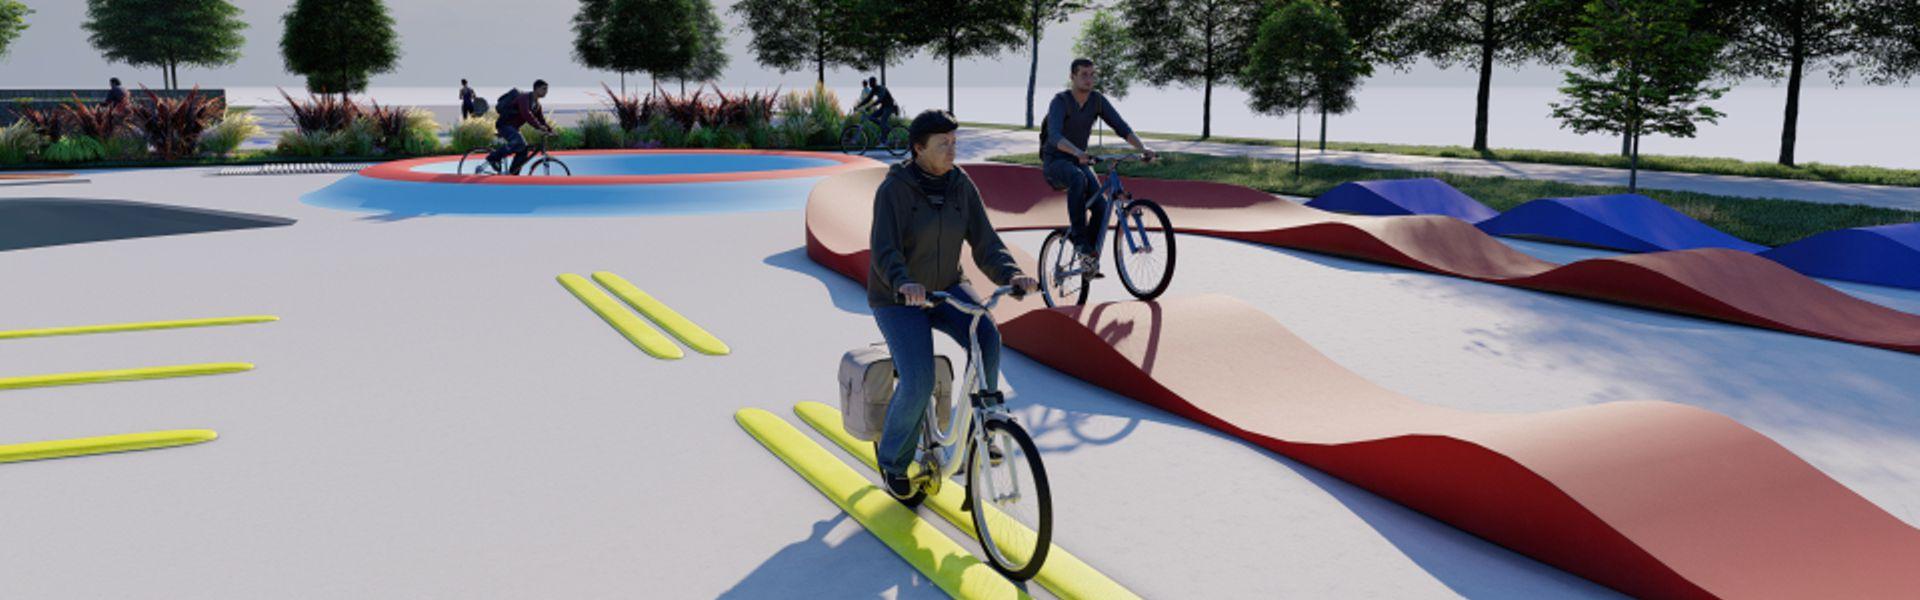 Motorikus képességeket fejlesztő kerékpáros park épül Bécsben